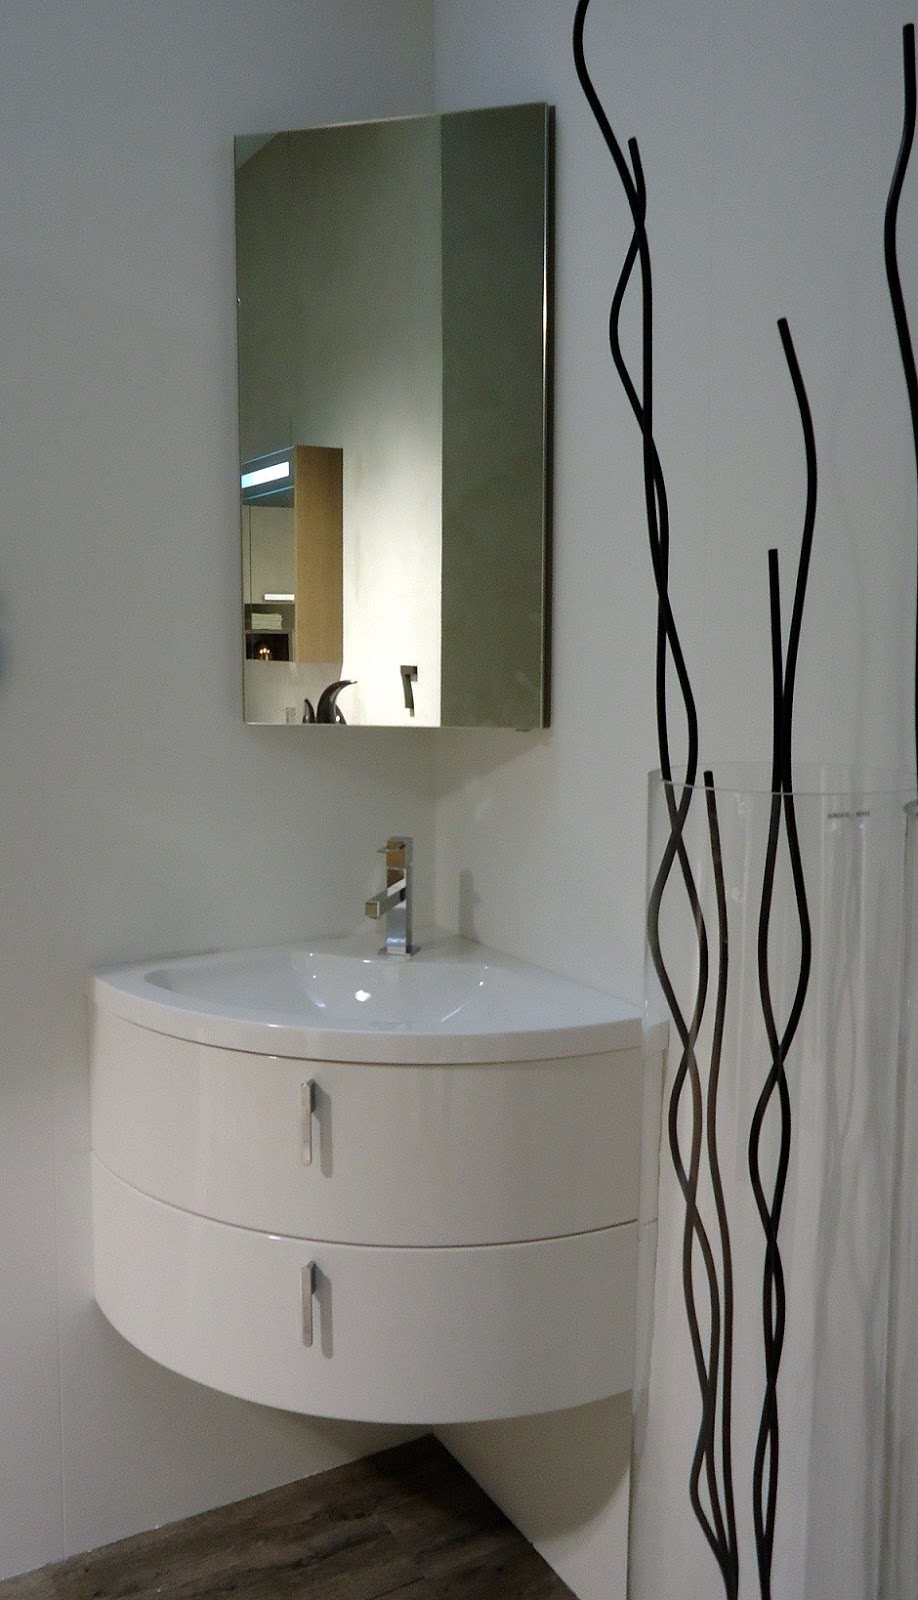 Riflessioni di una lady semiseria visto su cose di casa di febbraio 2013 - Mobiletto bagno piccolo ...